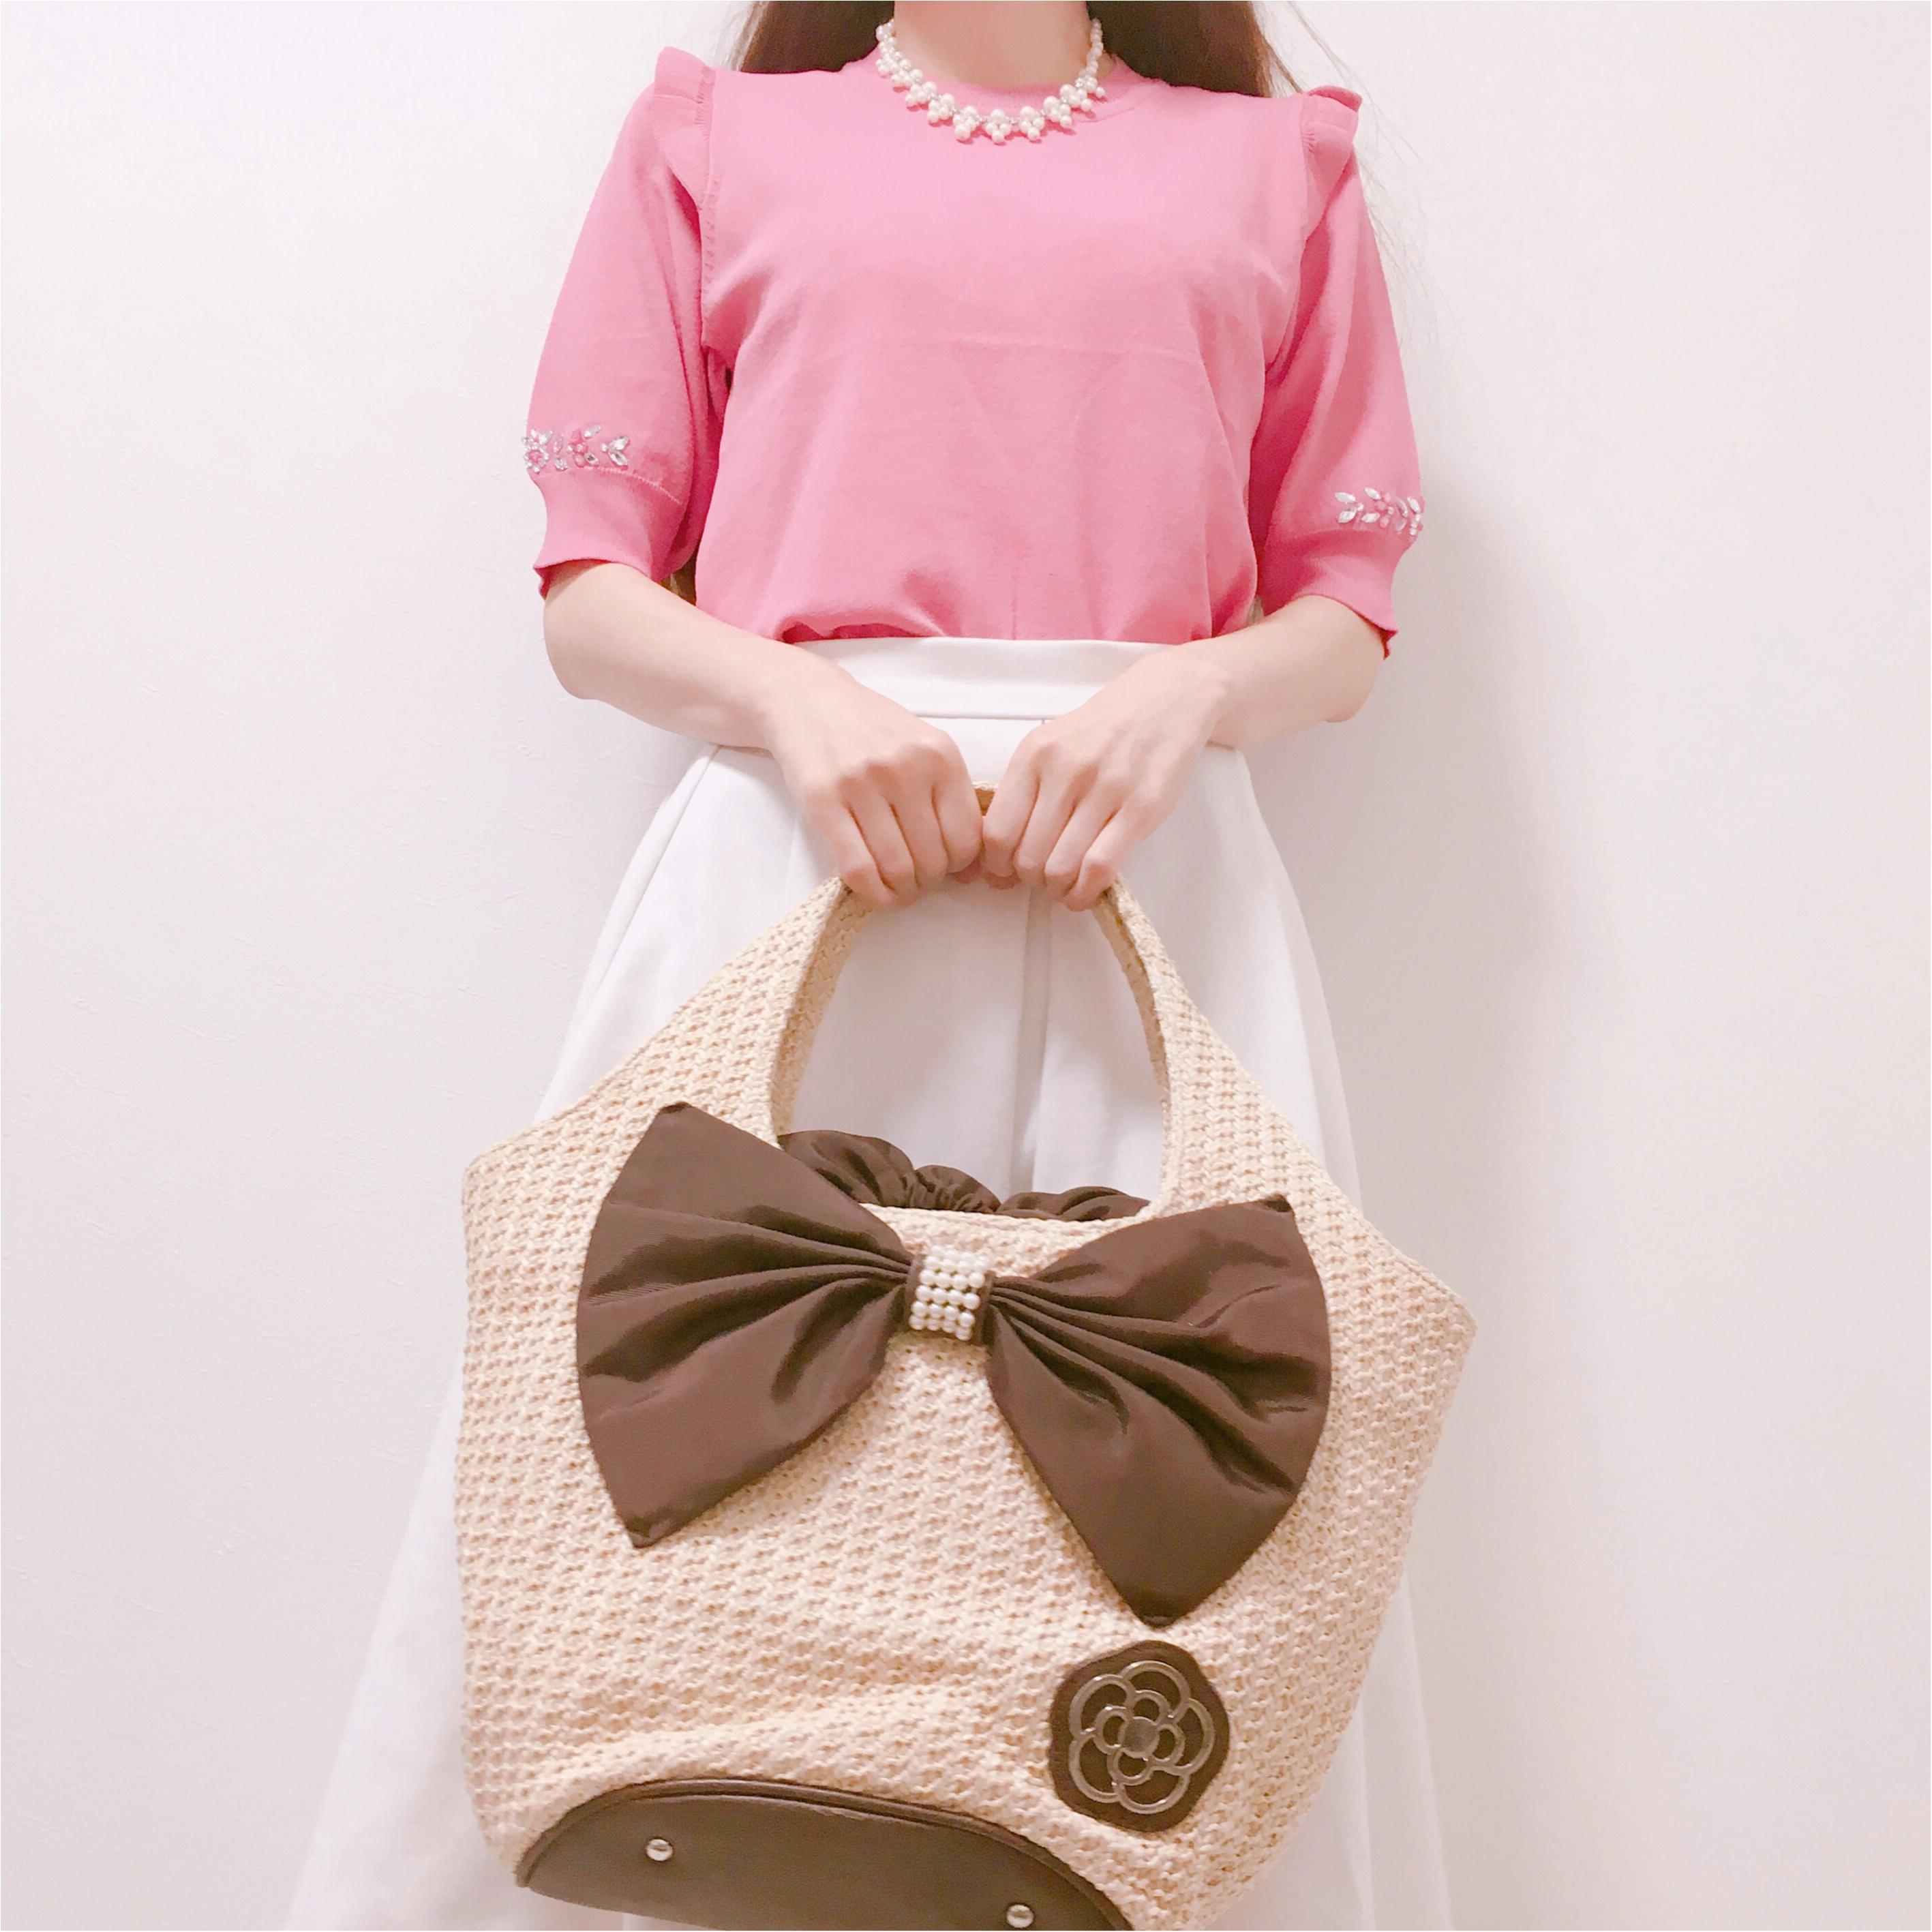 《 やっぱりピンクが好きっ♪》 toccoで叶える大人かわいいピンクコーデ♡_2